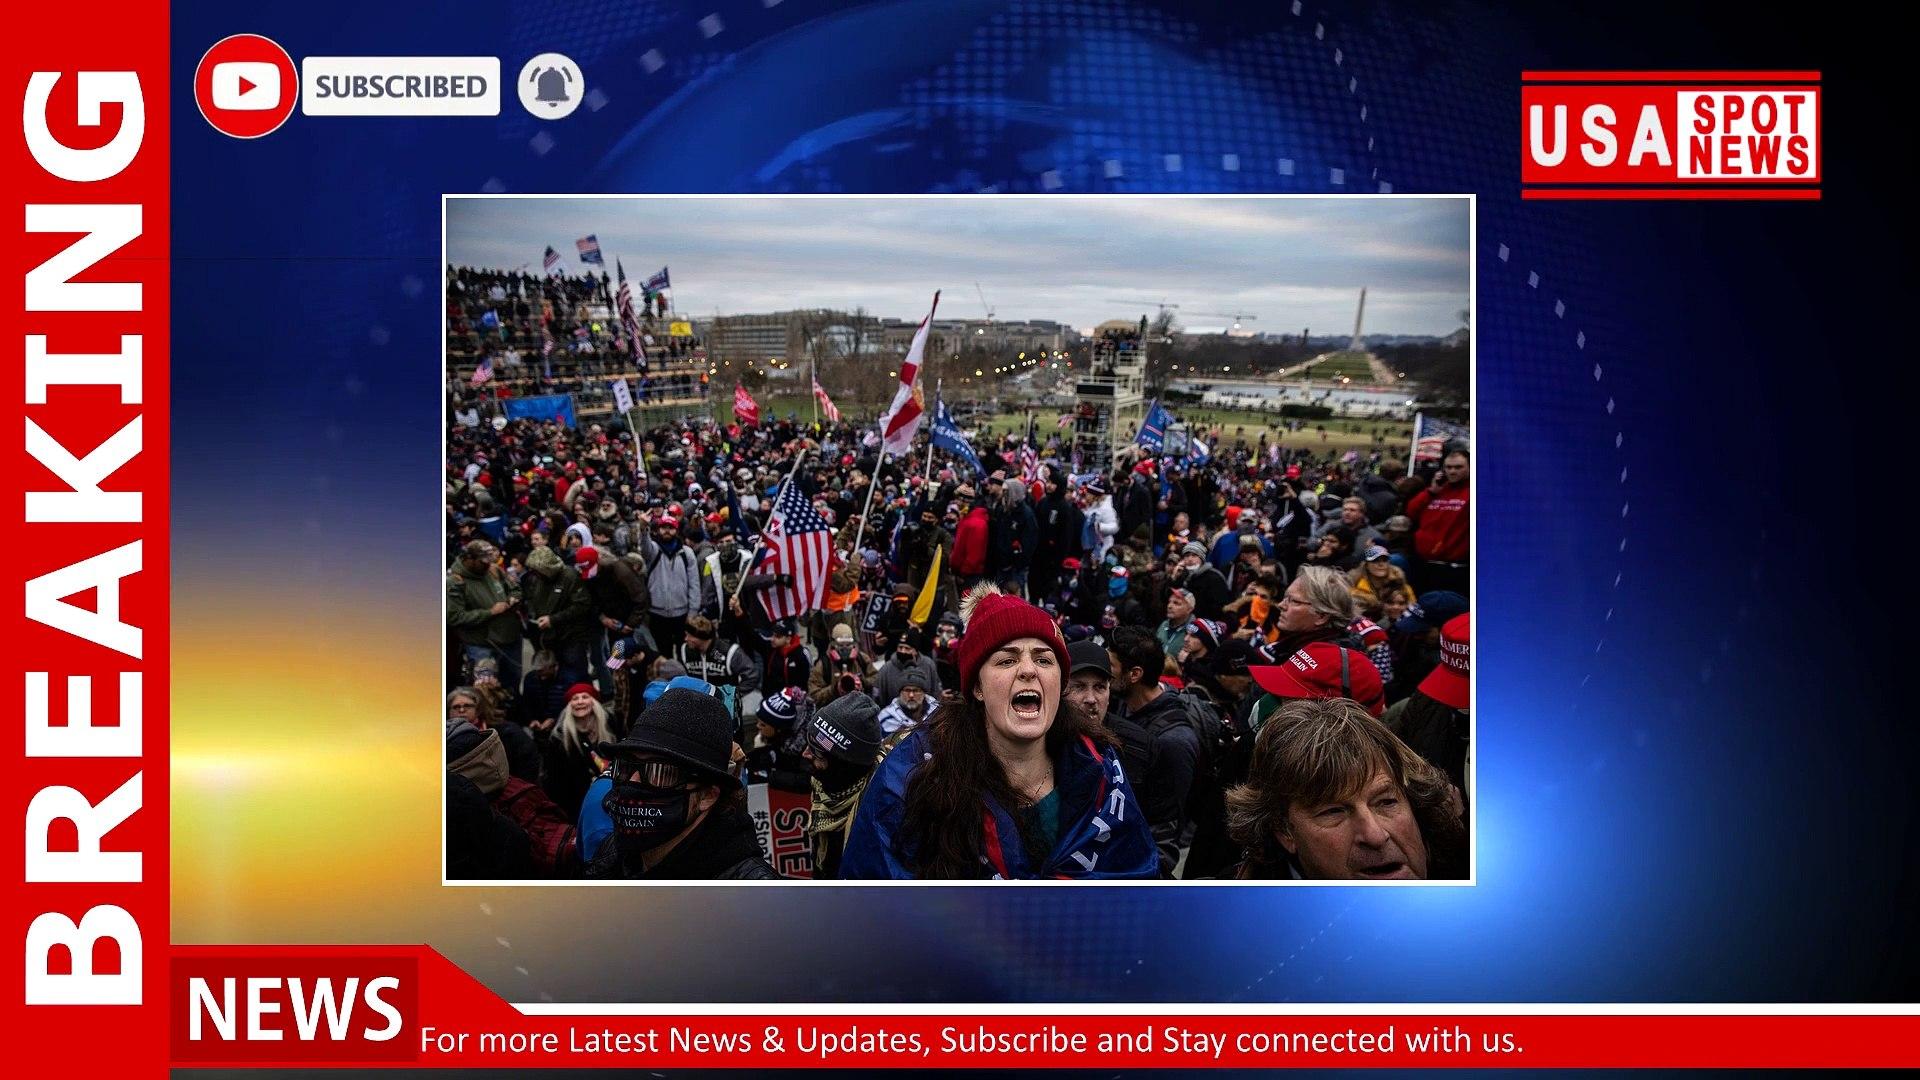 08 Jan 2021 | Evening News Headlines | Breaking News | News Today | USA Spot News